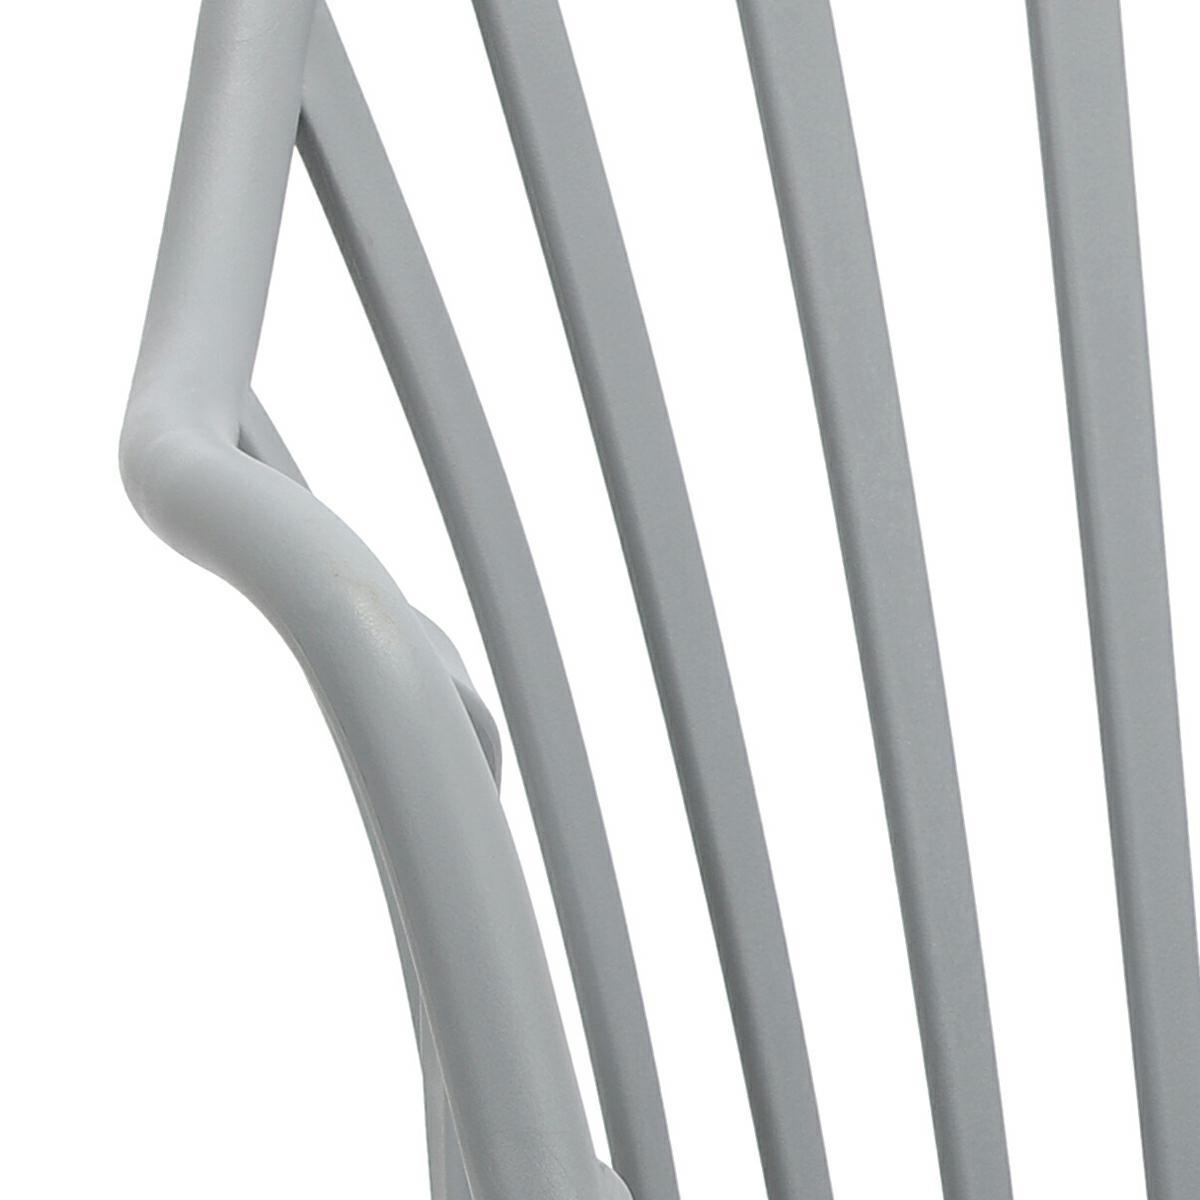 Krzesło Sirena z podłokietnikami szare - zdjęcie nr 15